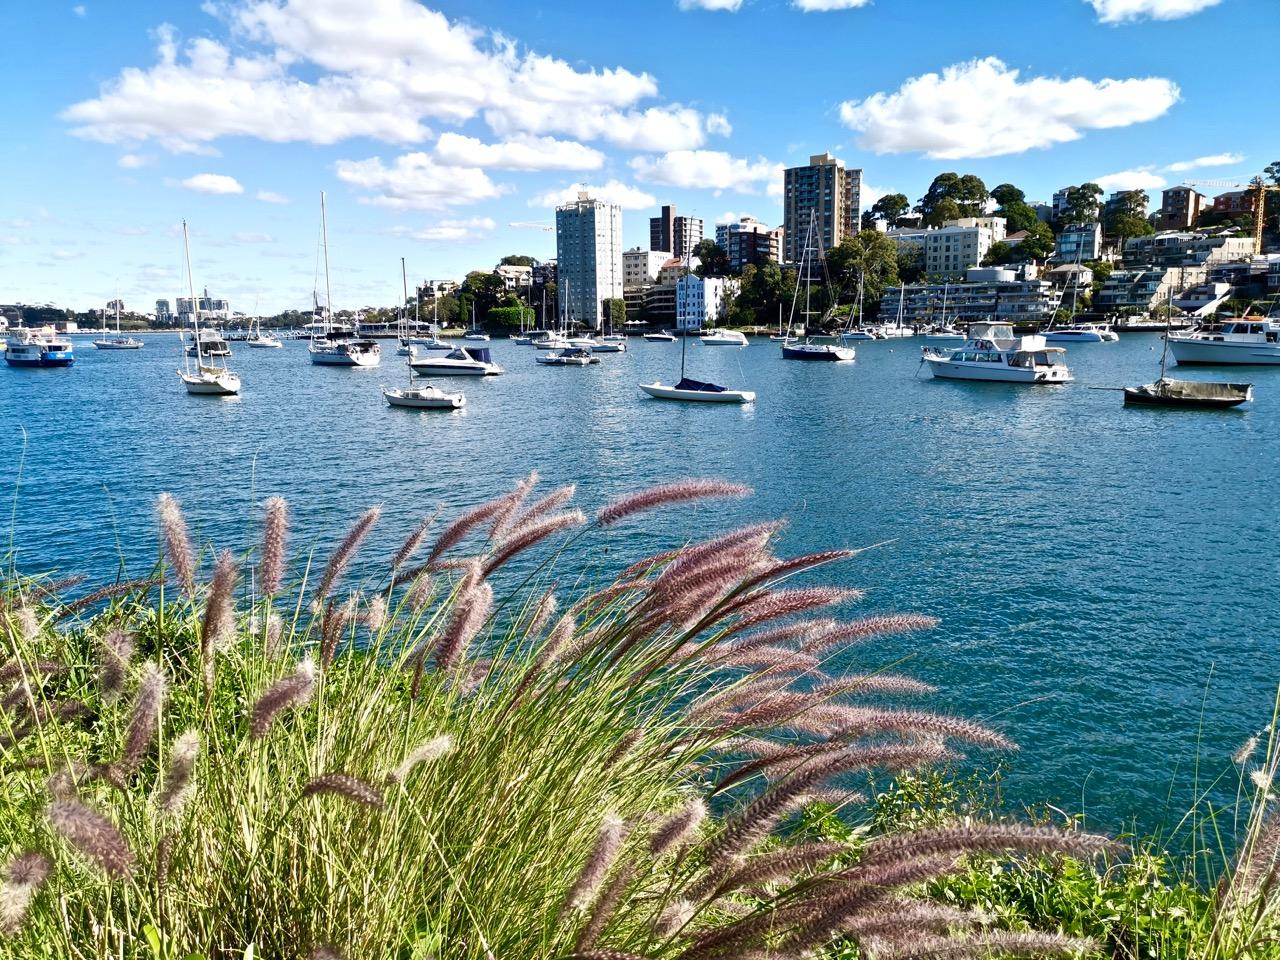 想要躲避北半球酷热的夏天,这时候来悉尼准没错 酷热难耐,别骗我,哭笑不得,想要,躲避 第3张图片